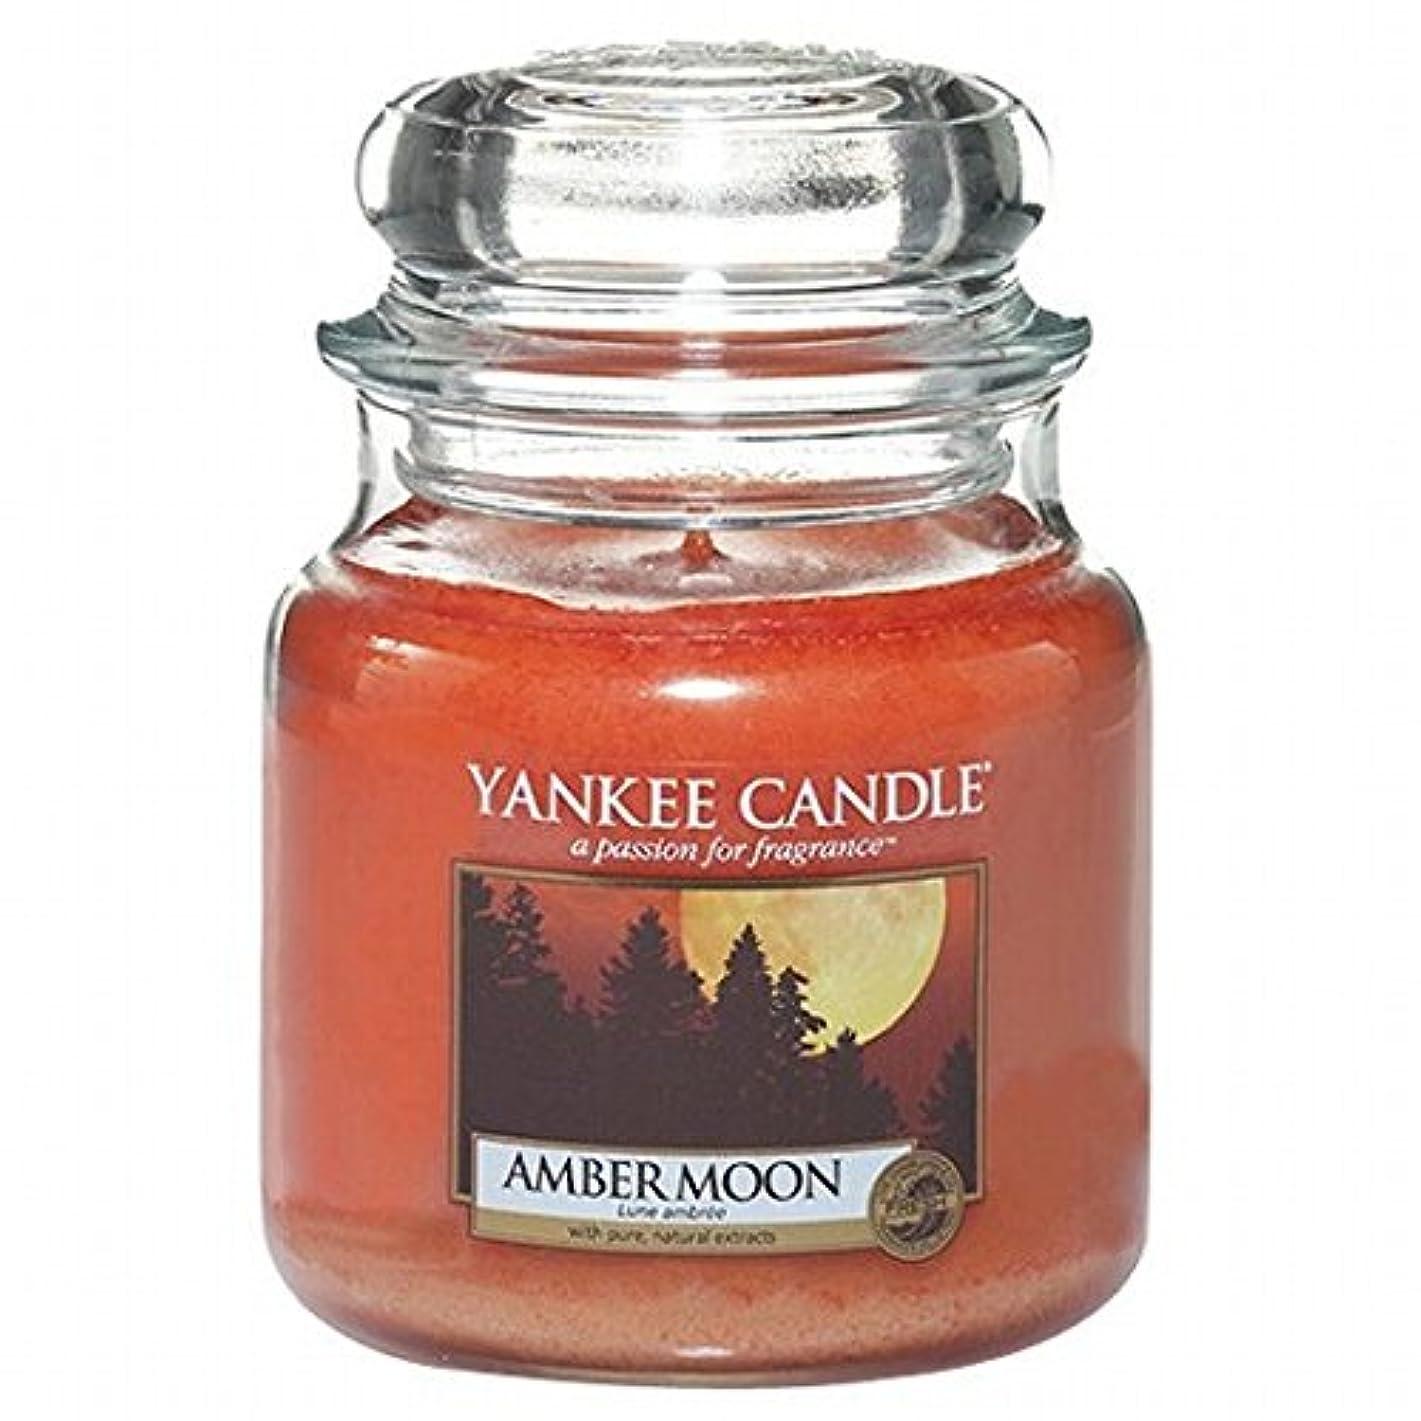 実質的に疑問に思う魔女ヤンキーキャンドル(YANKEE CANDLE) YANKEE CANDLE ジャーM 「 アンバームーン 」